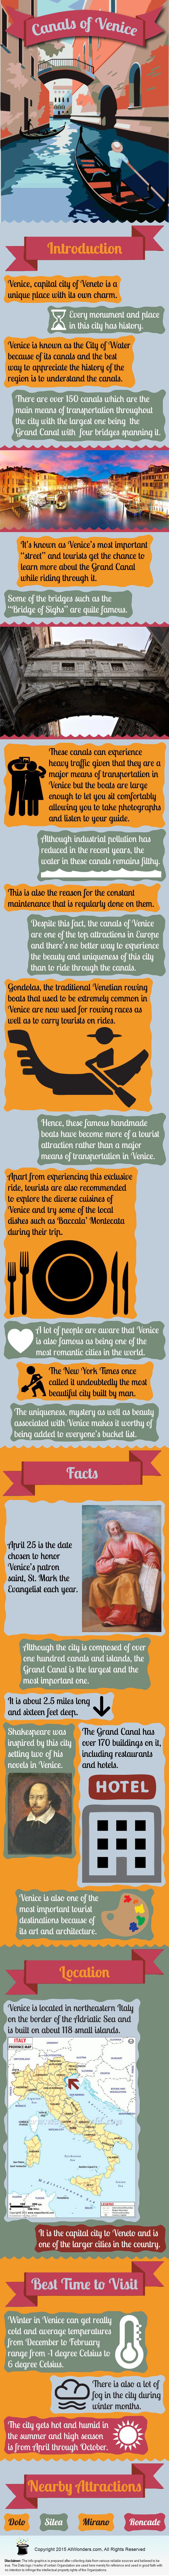 Venice Infographic